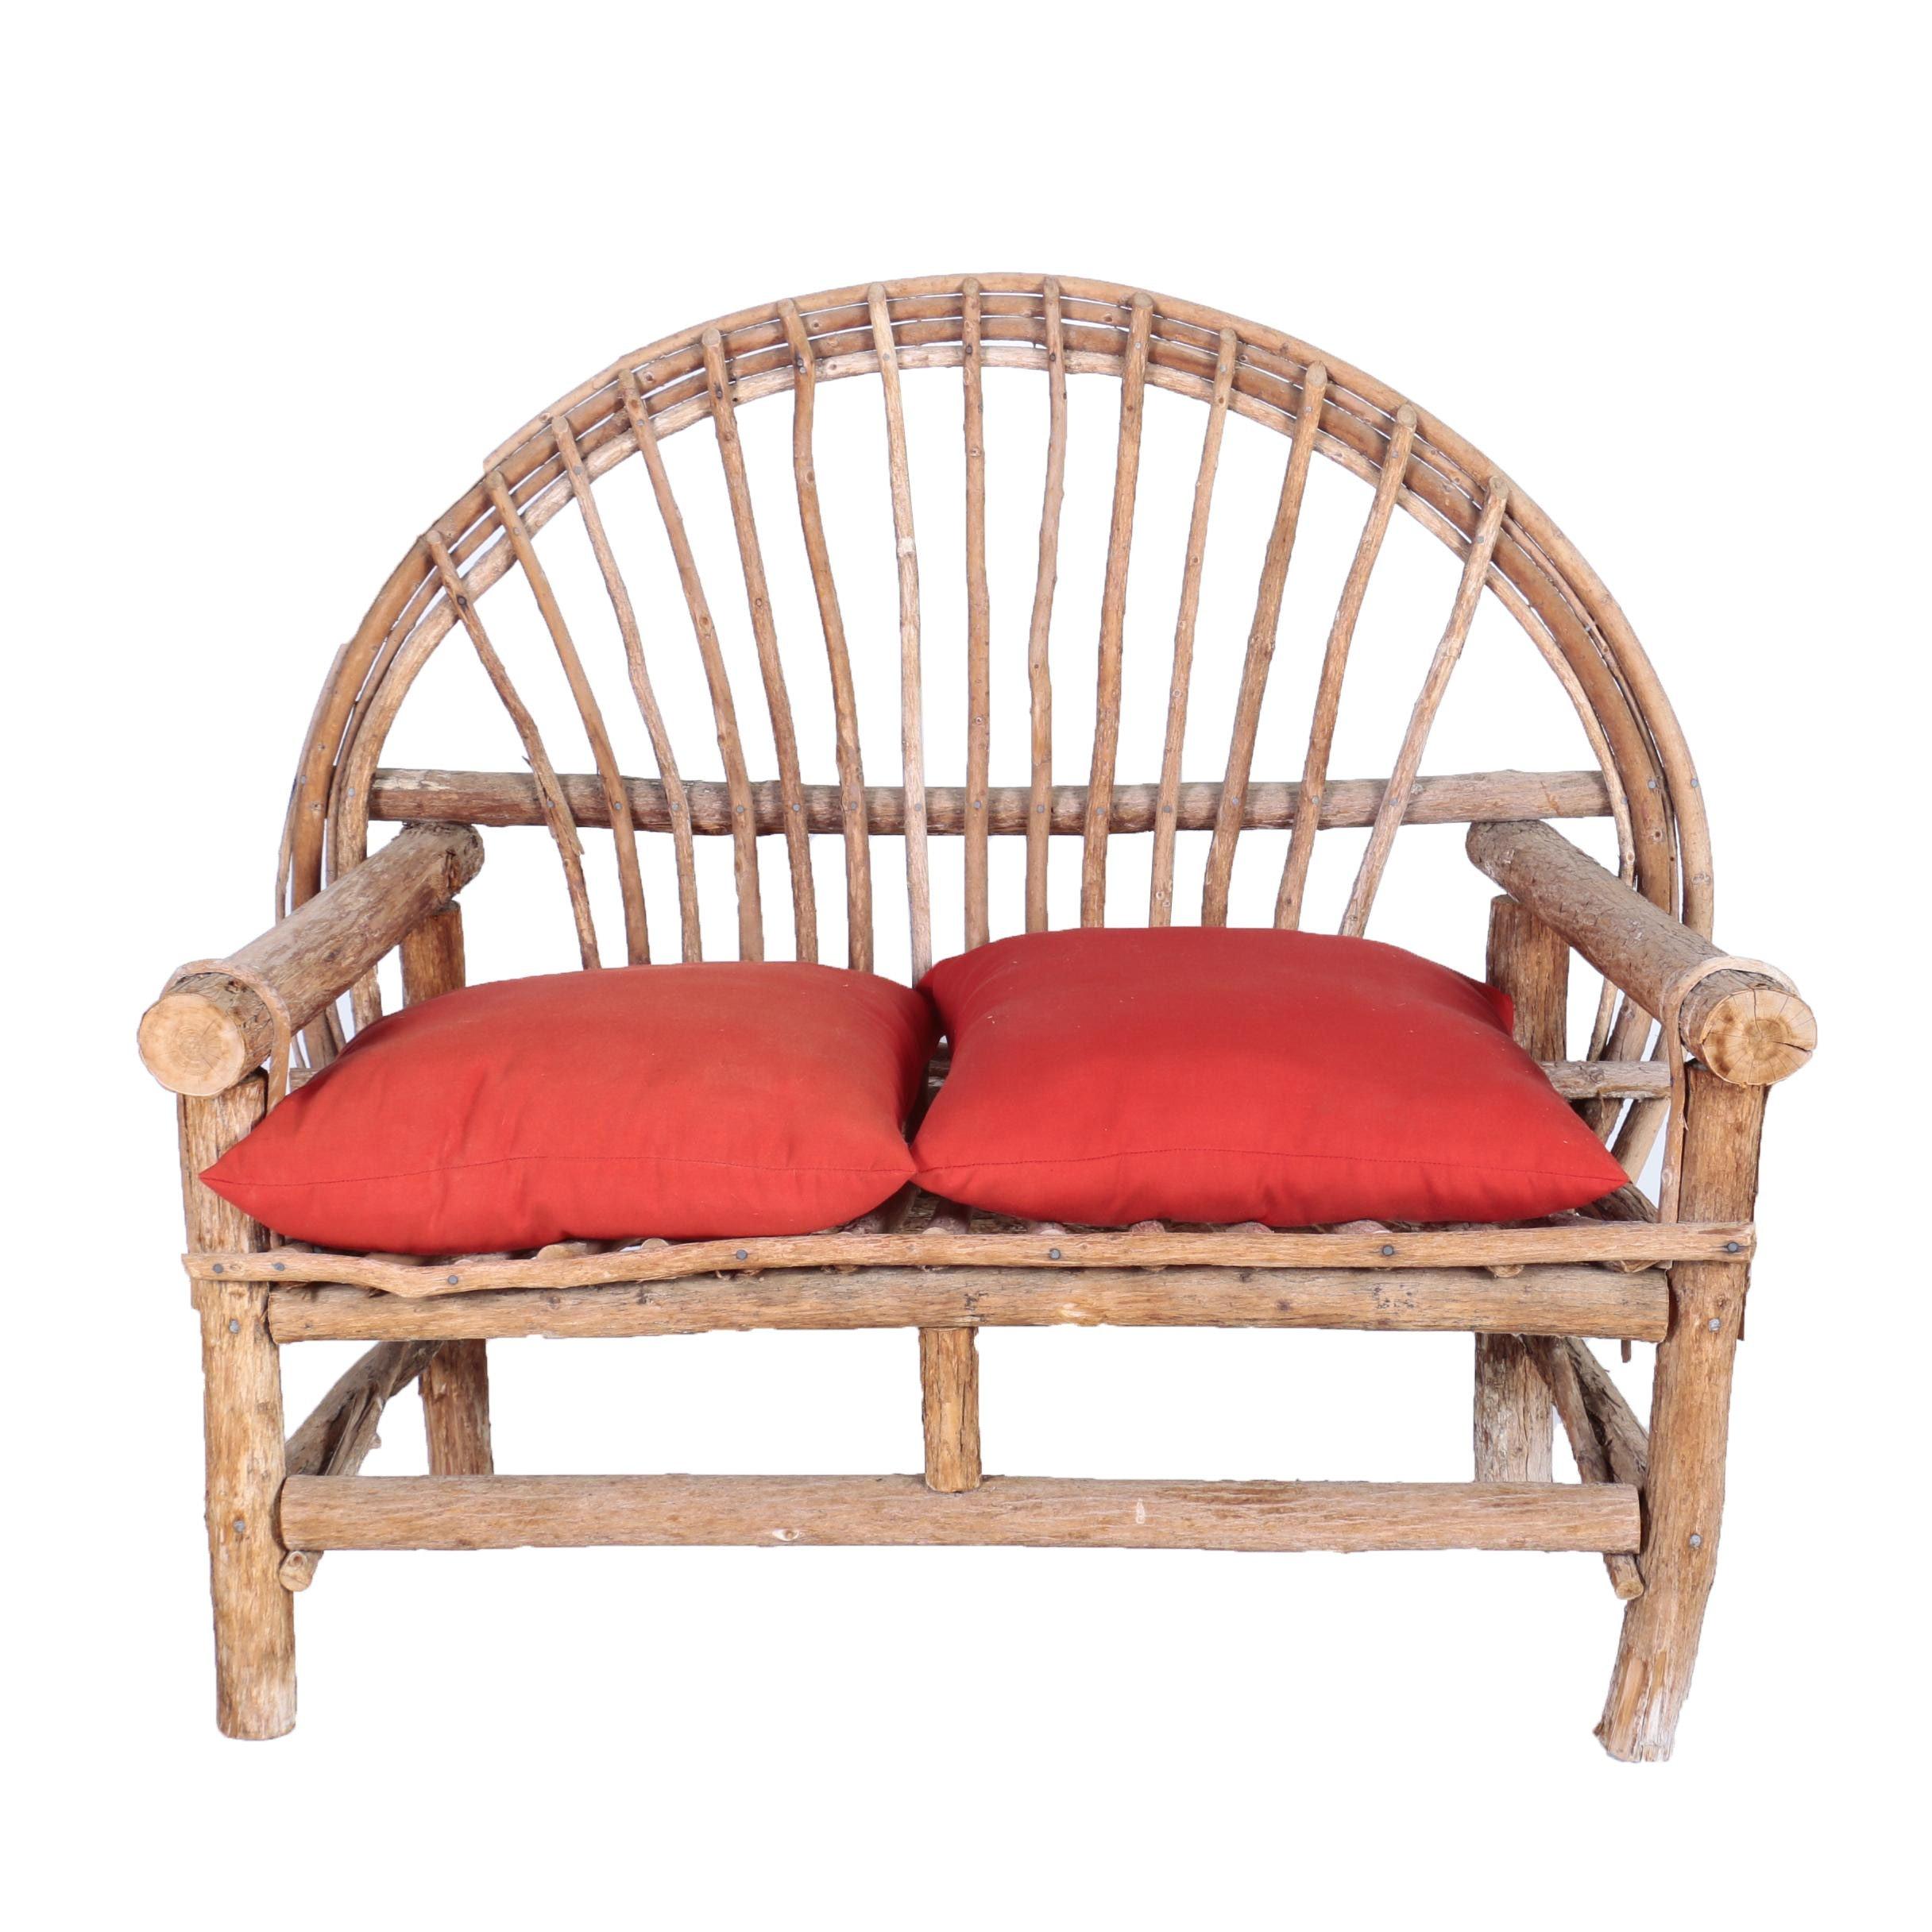 Handcrafted Bent Twig Patio Settee